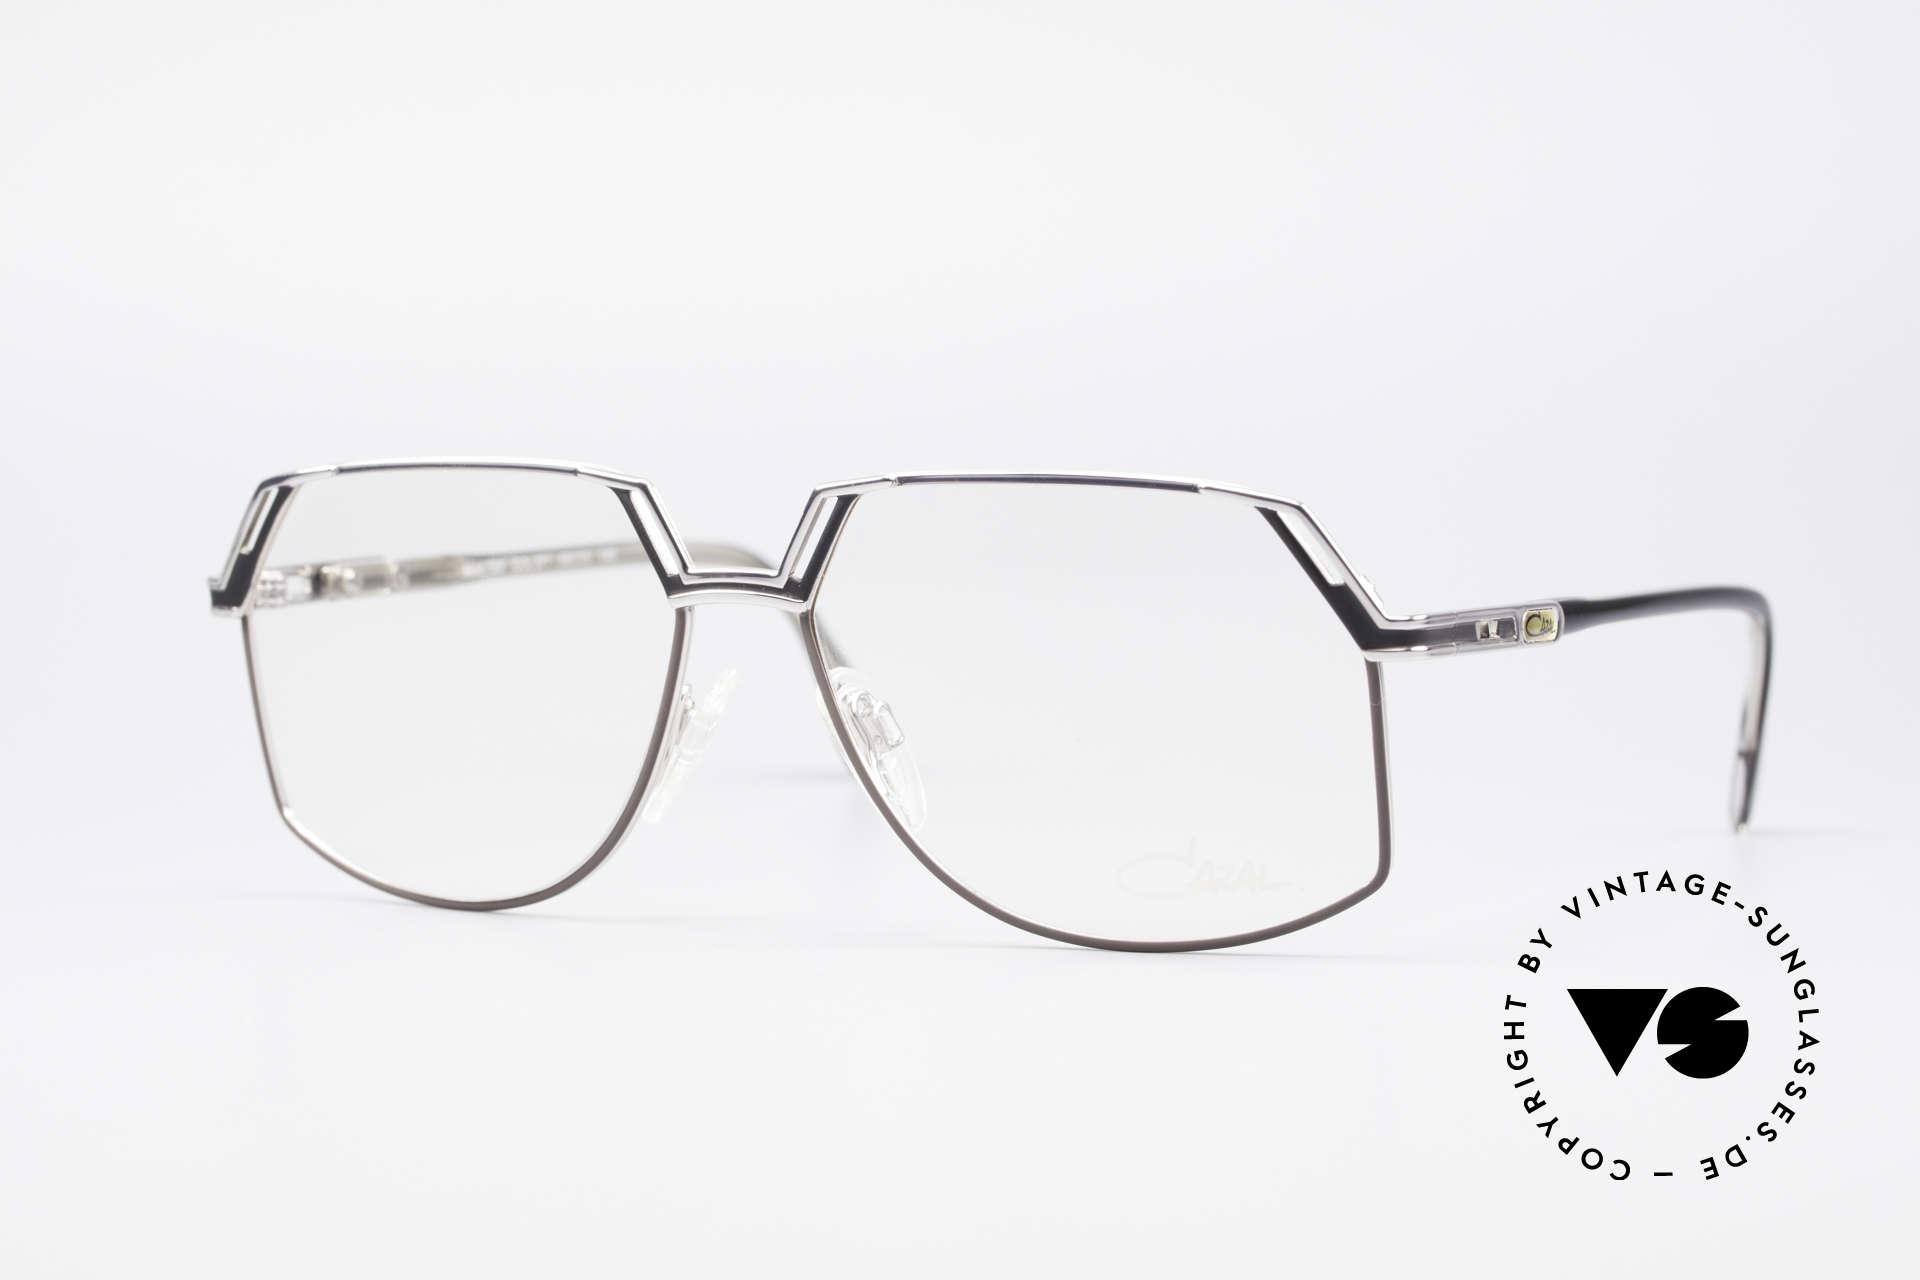 Cazal 738 True Vintage Eyeglasses, distinctive CAZAL men's eyeglasses of the 1980's/1990s, Made for Men